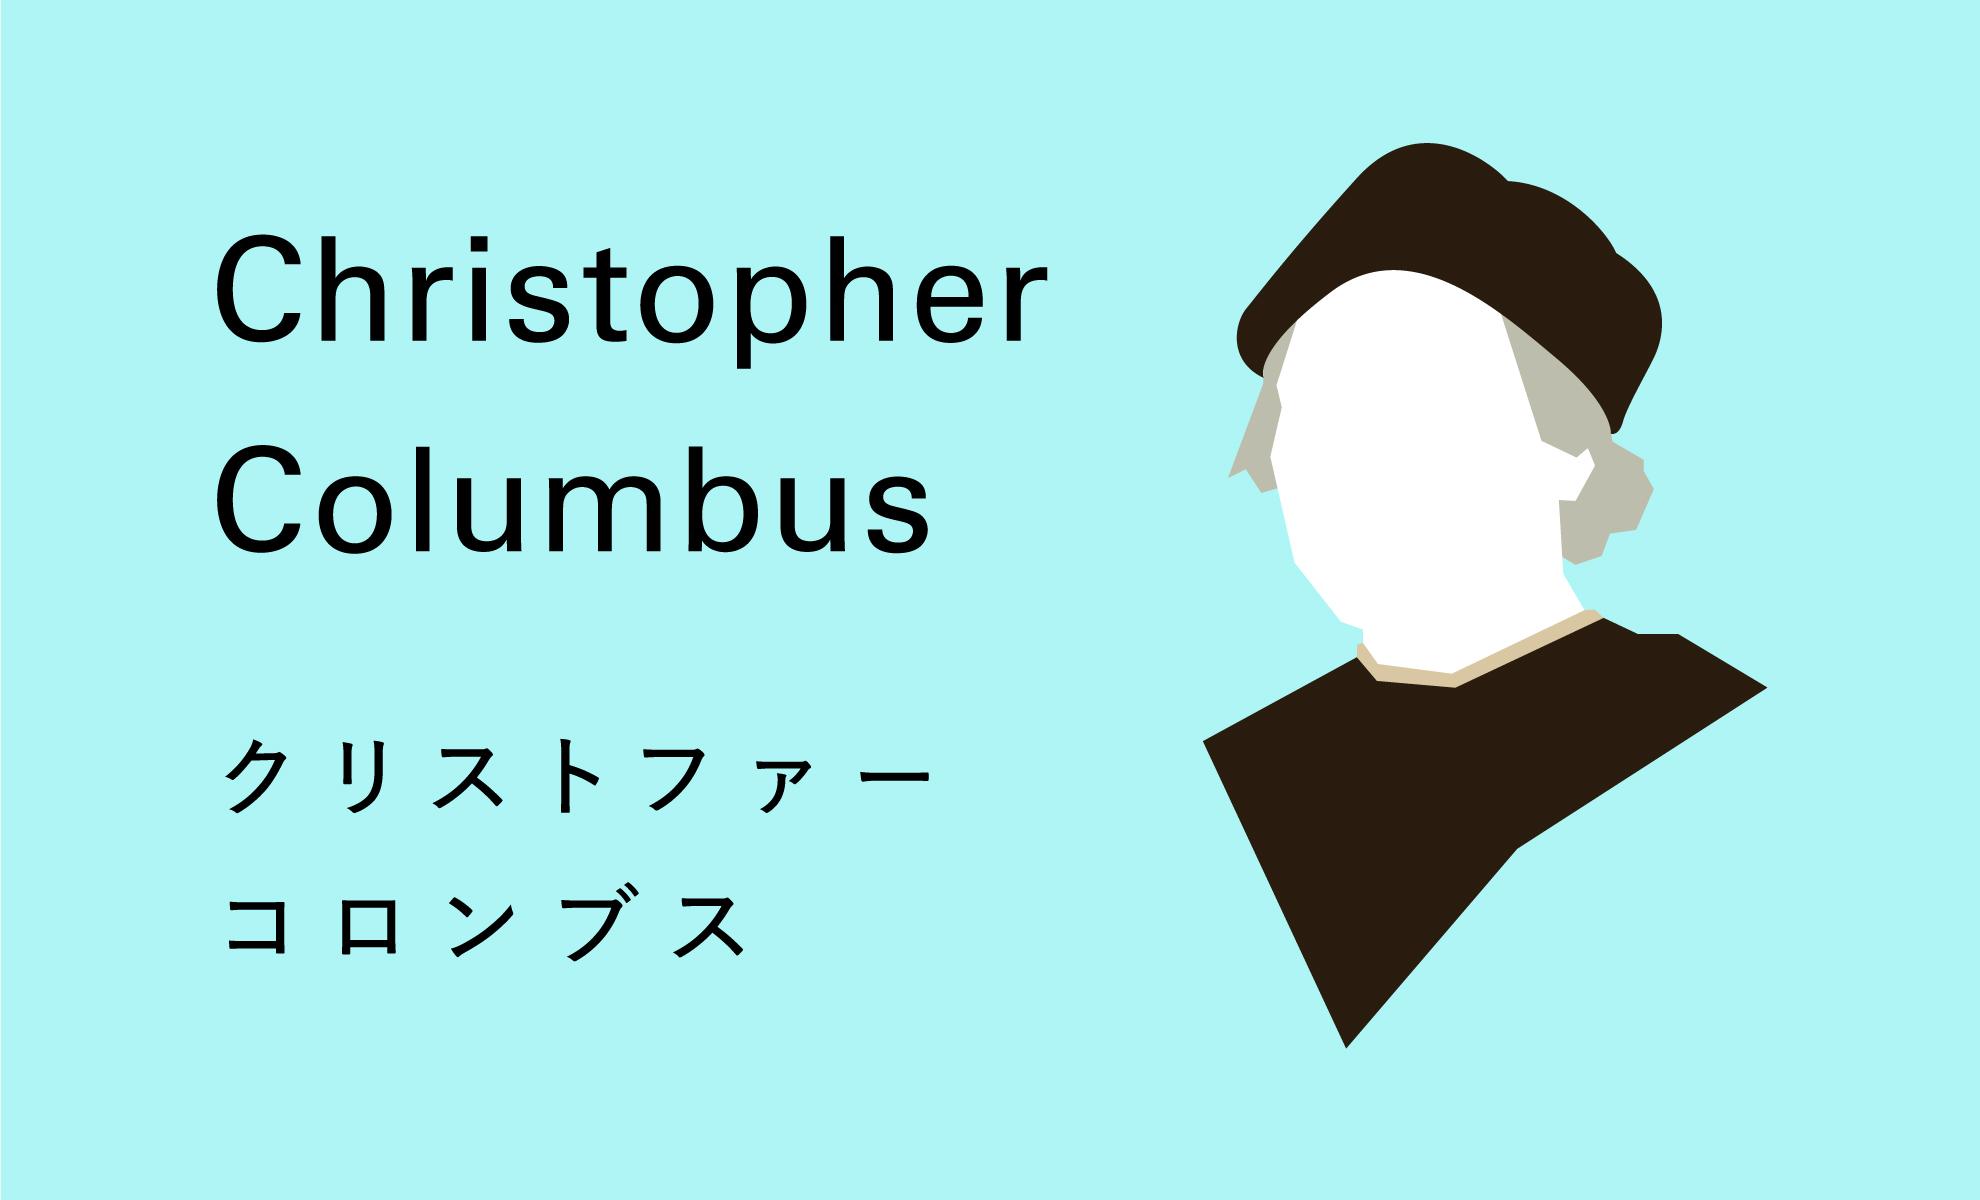 コロンブスの画像